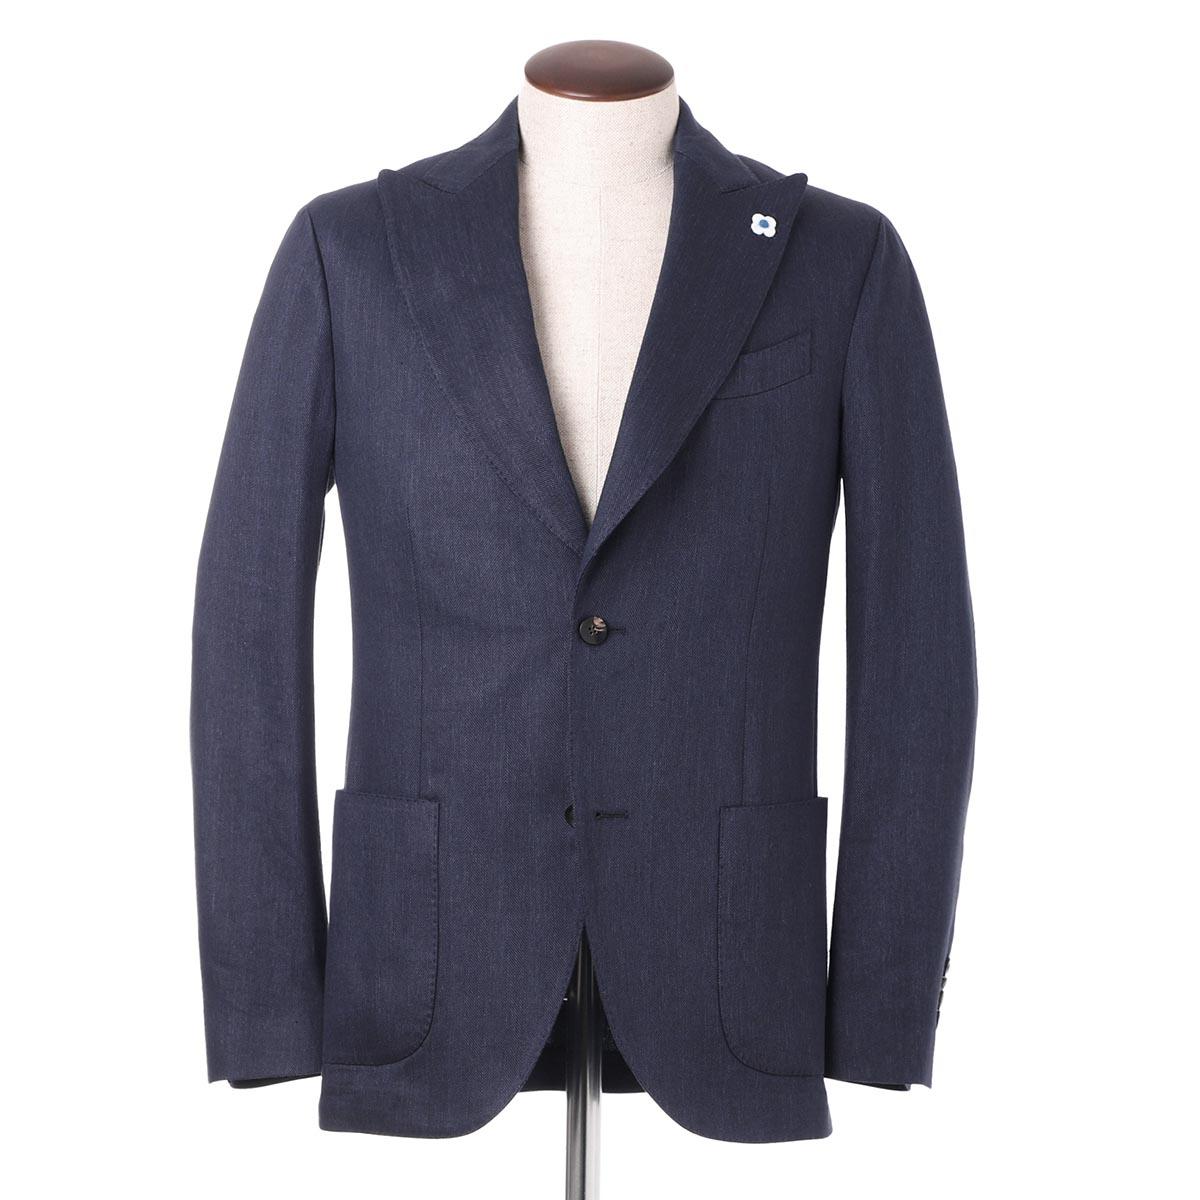 ラルディーニ LARDINI 2つボタンジャケット ブルー メンズ ei665av eirp54589 2【あす楽対応_関東】【返品送料無料】【ラッピング無料】